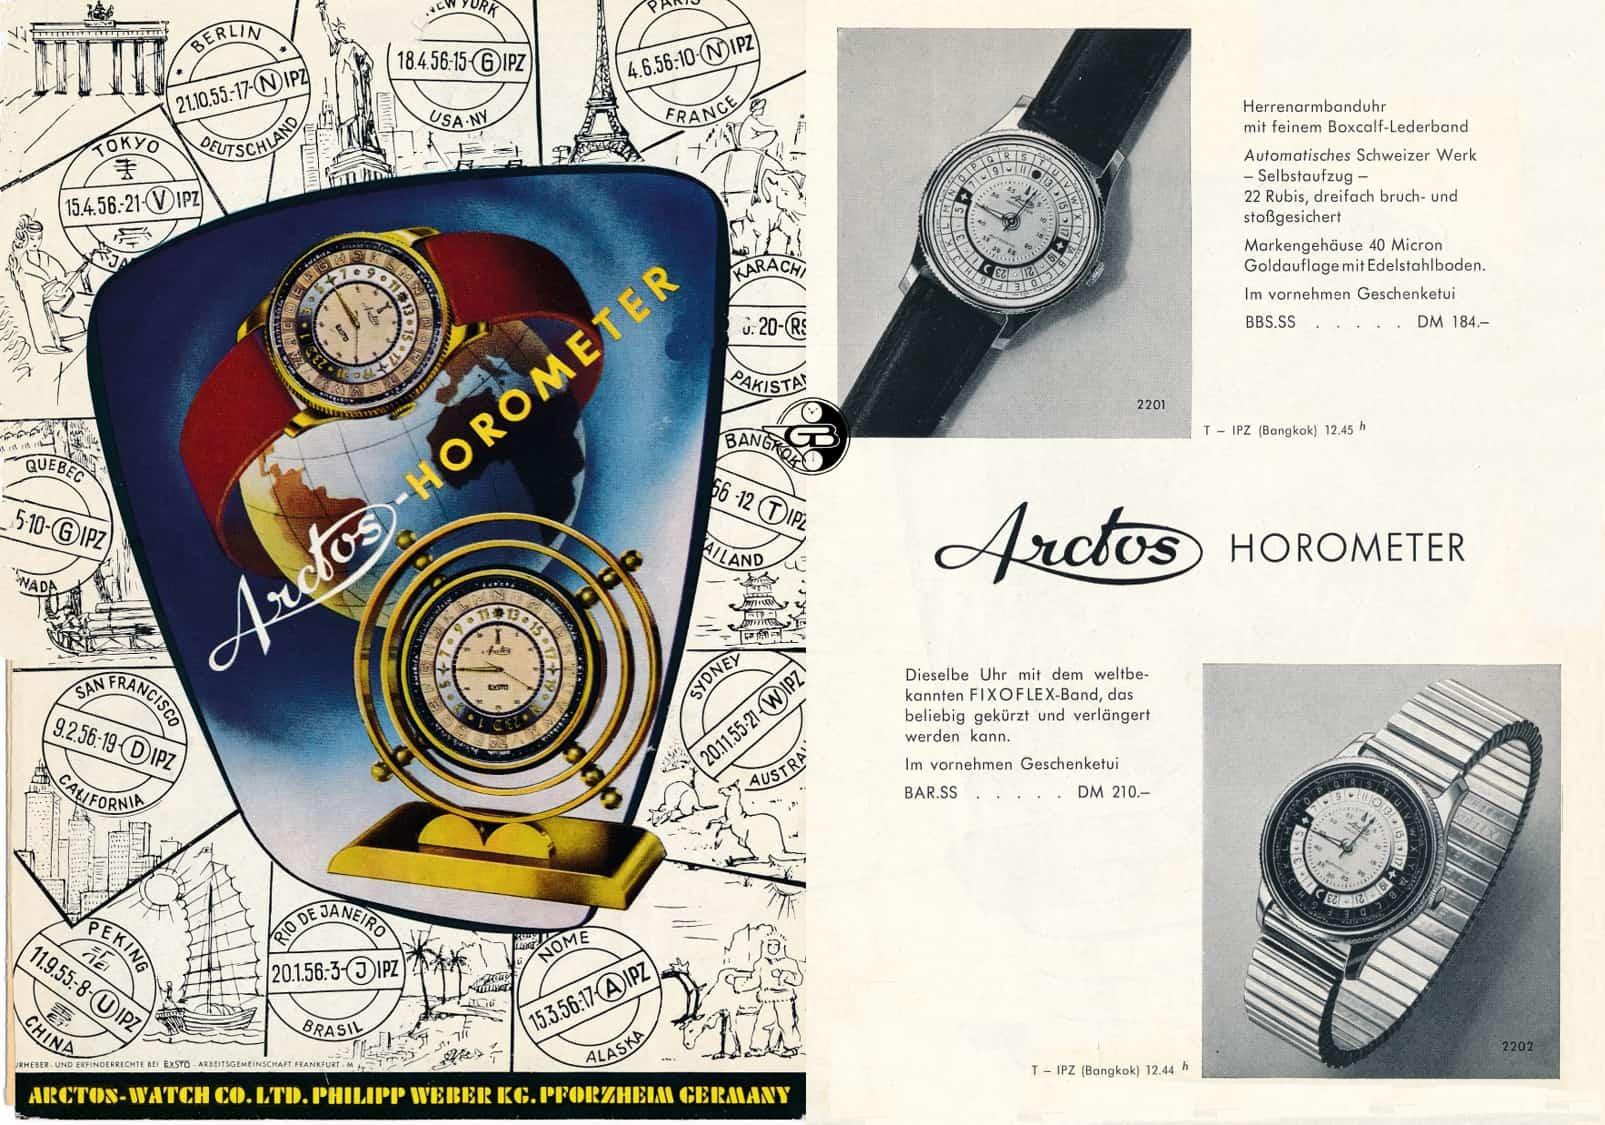 Arctos Horometer